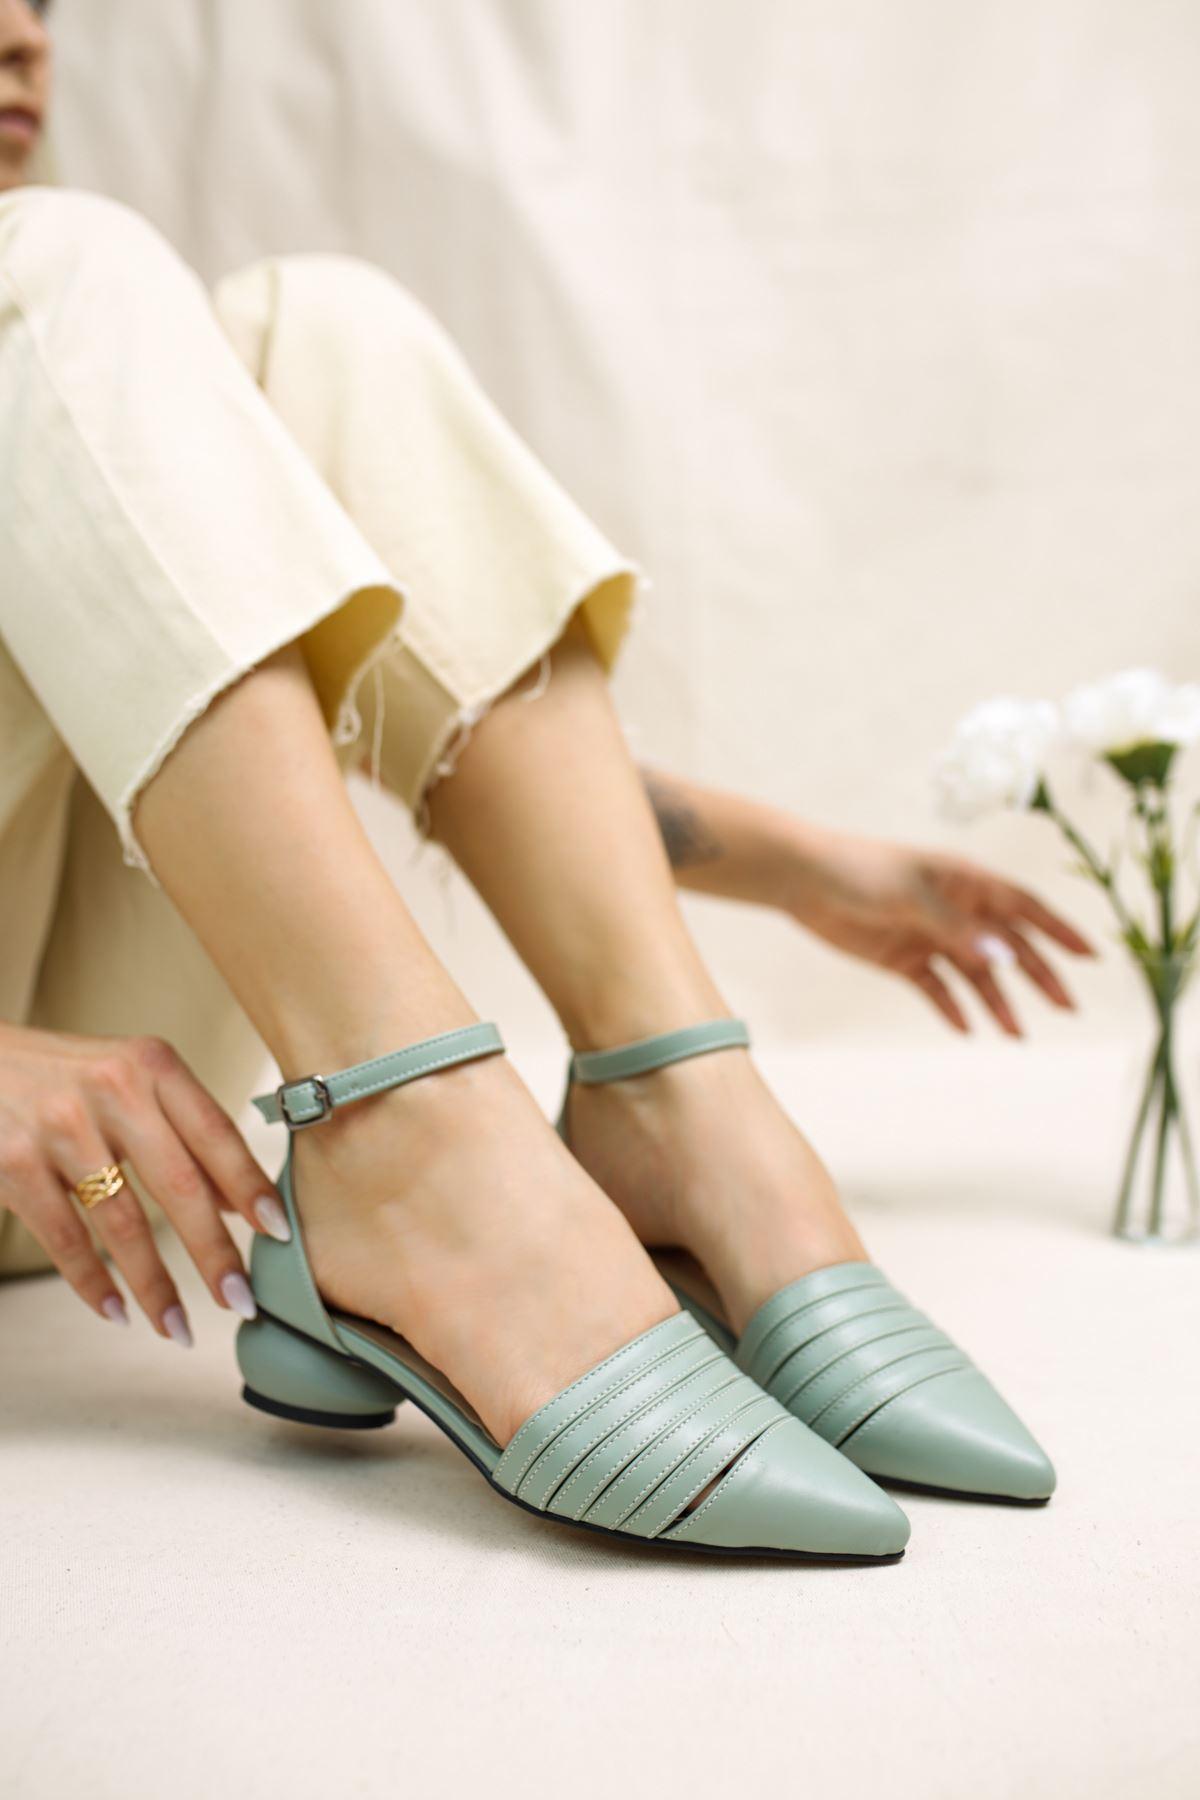 Sandra Yeşil Mat Deri Kadın Günlük Topuklu Ayakkabı